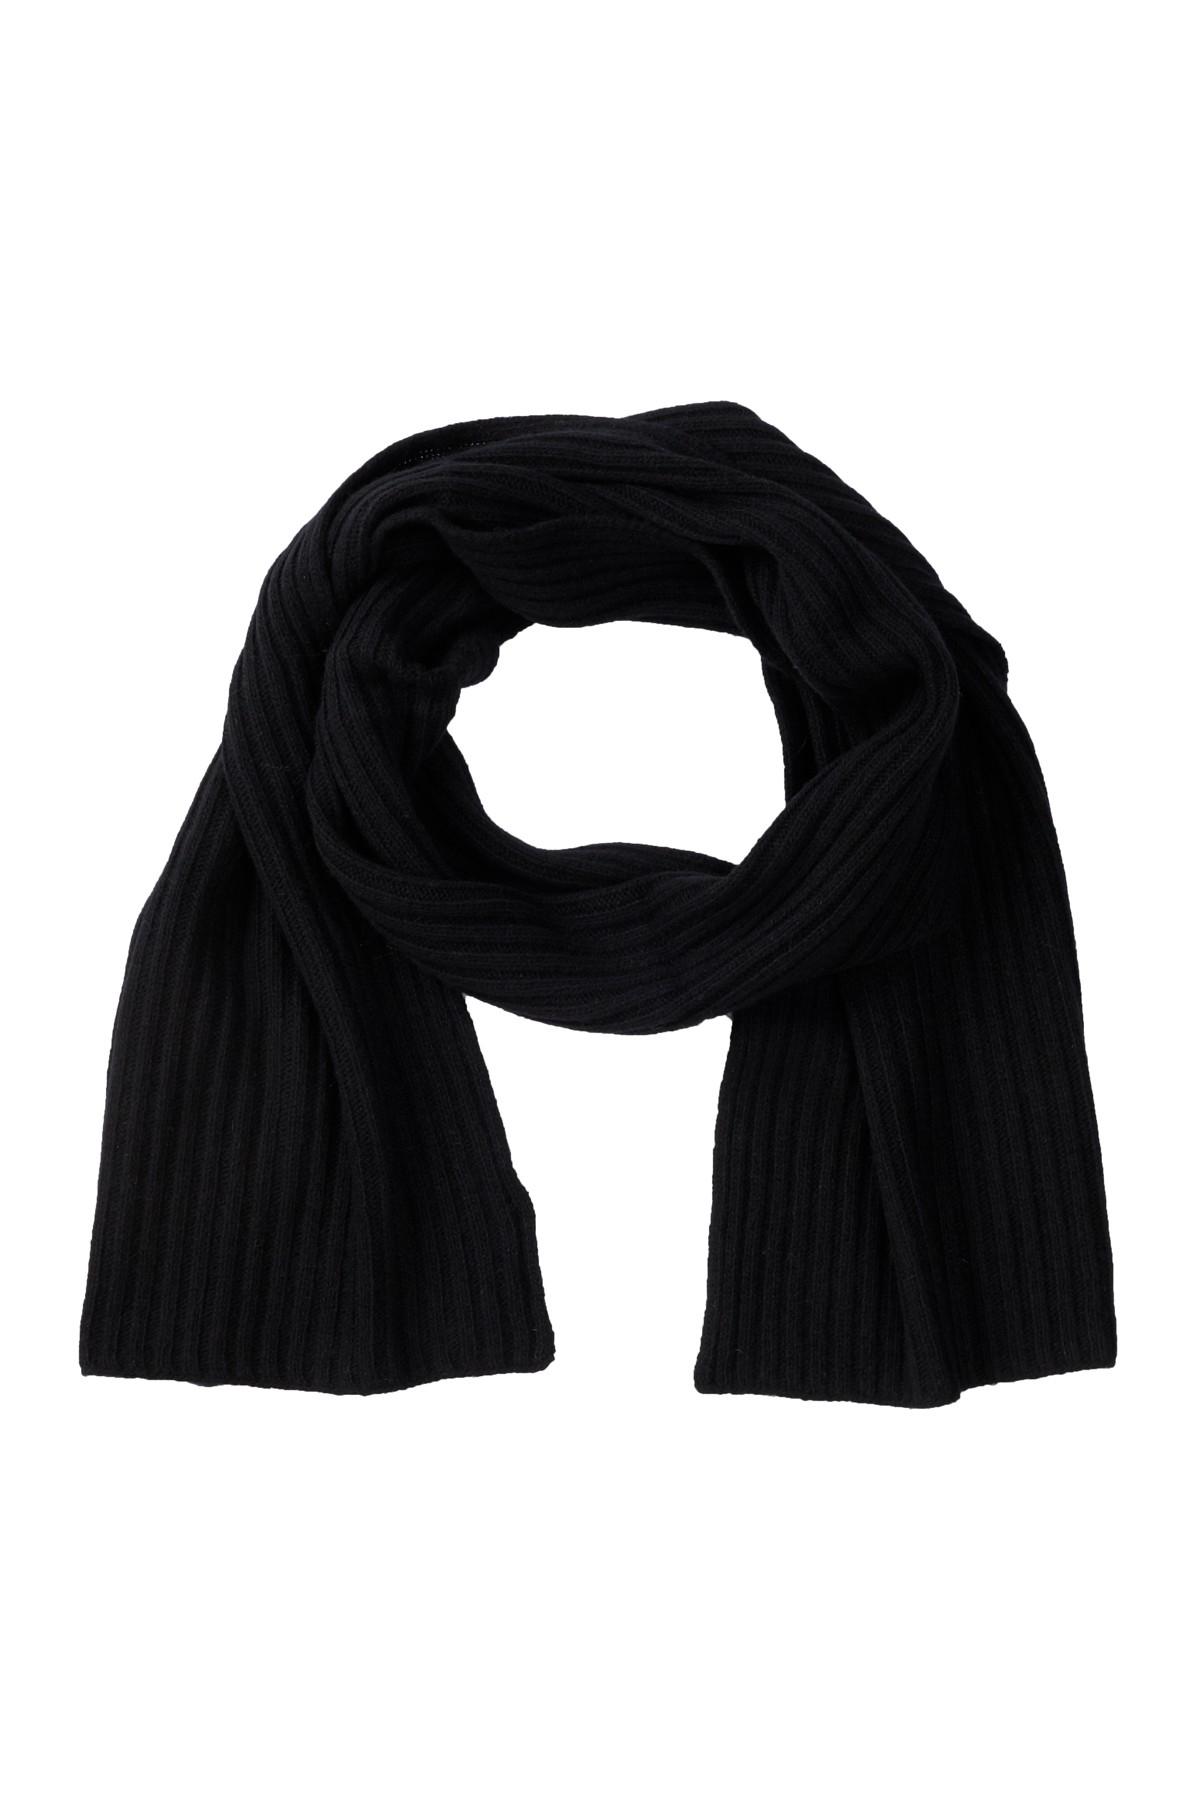 Portolano Black Cashmere Ribbed Scarf In Black